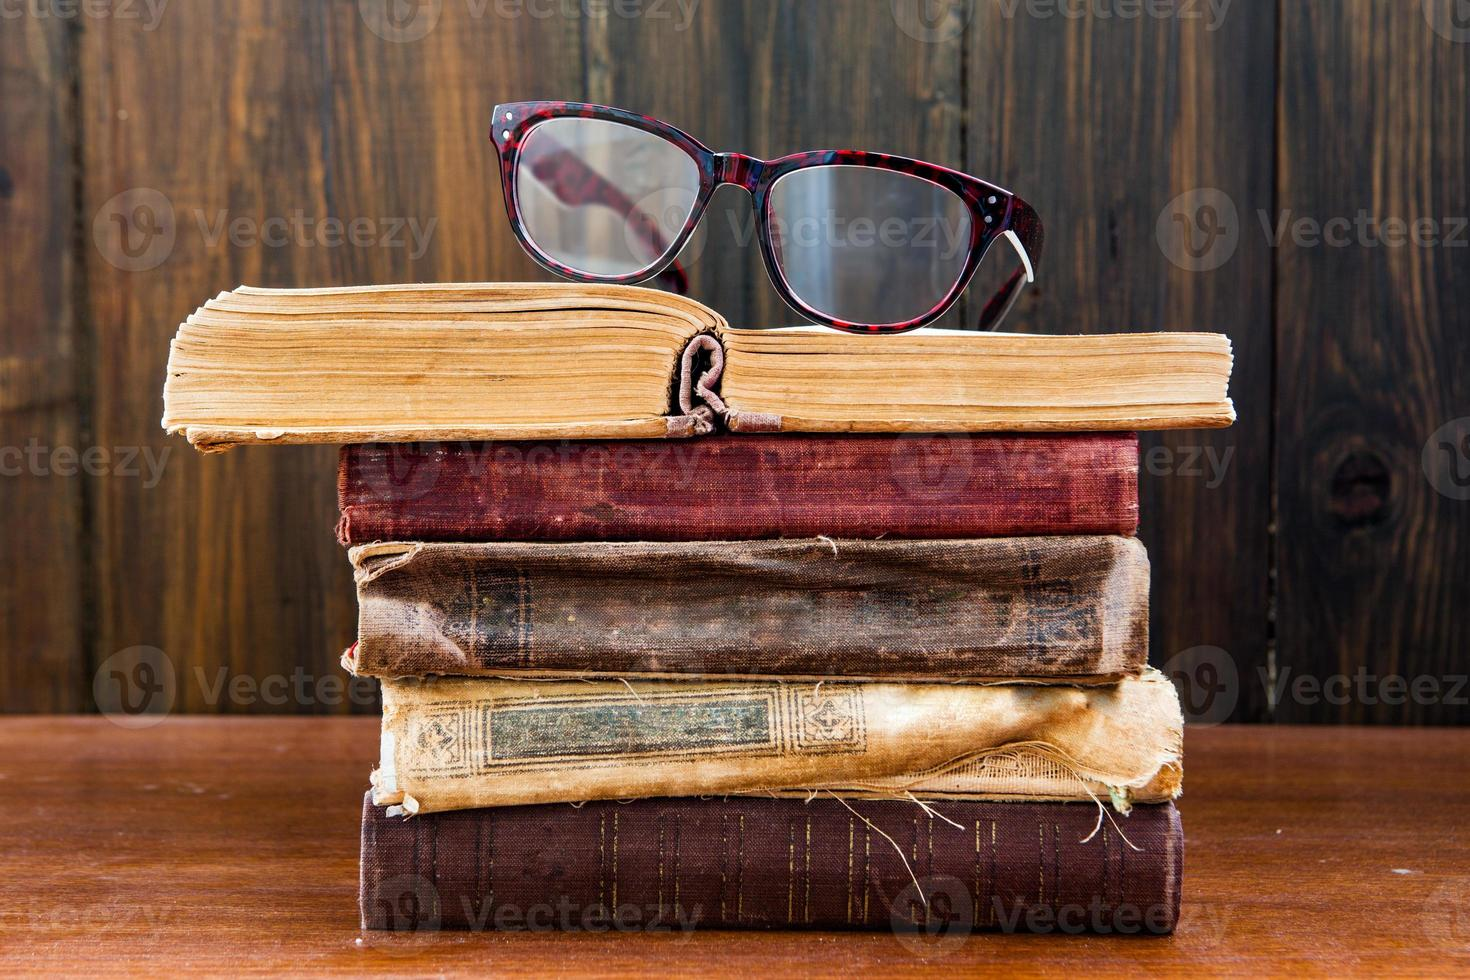 lunettes de lecture vintage sur les livres photo